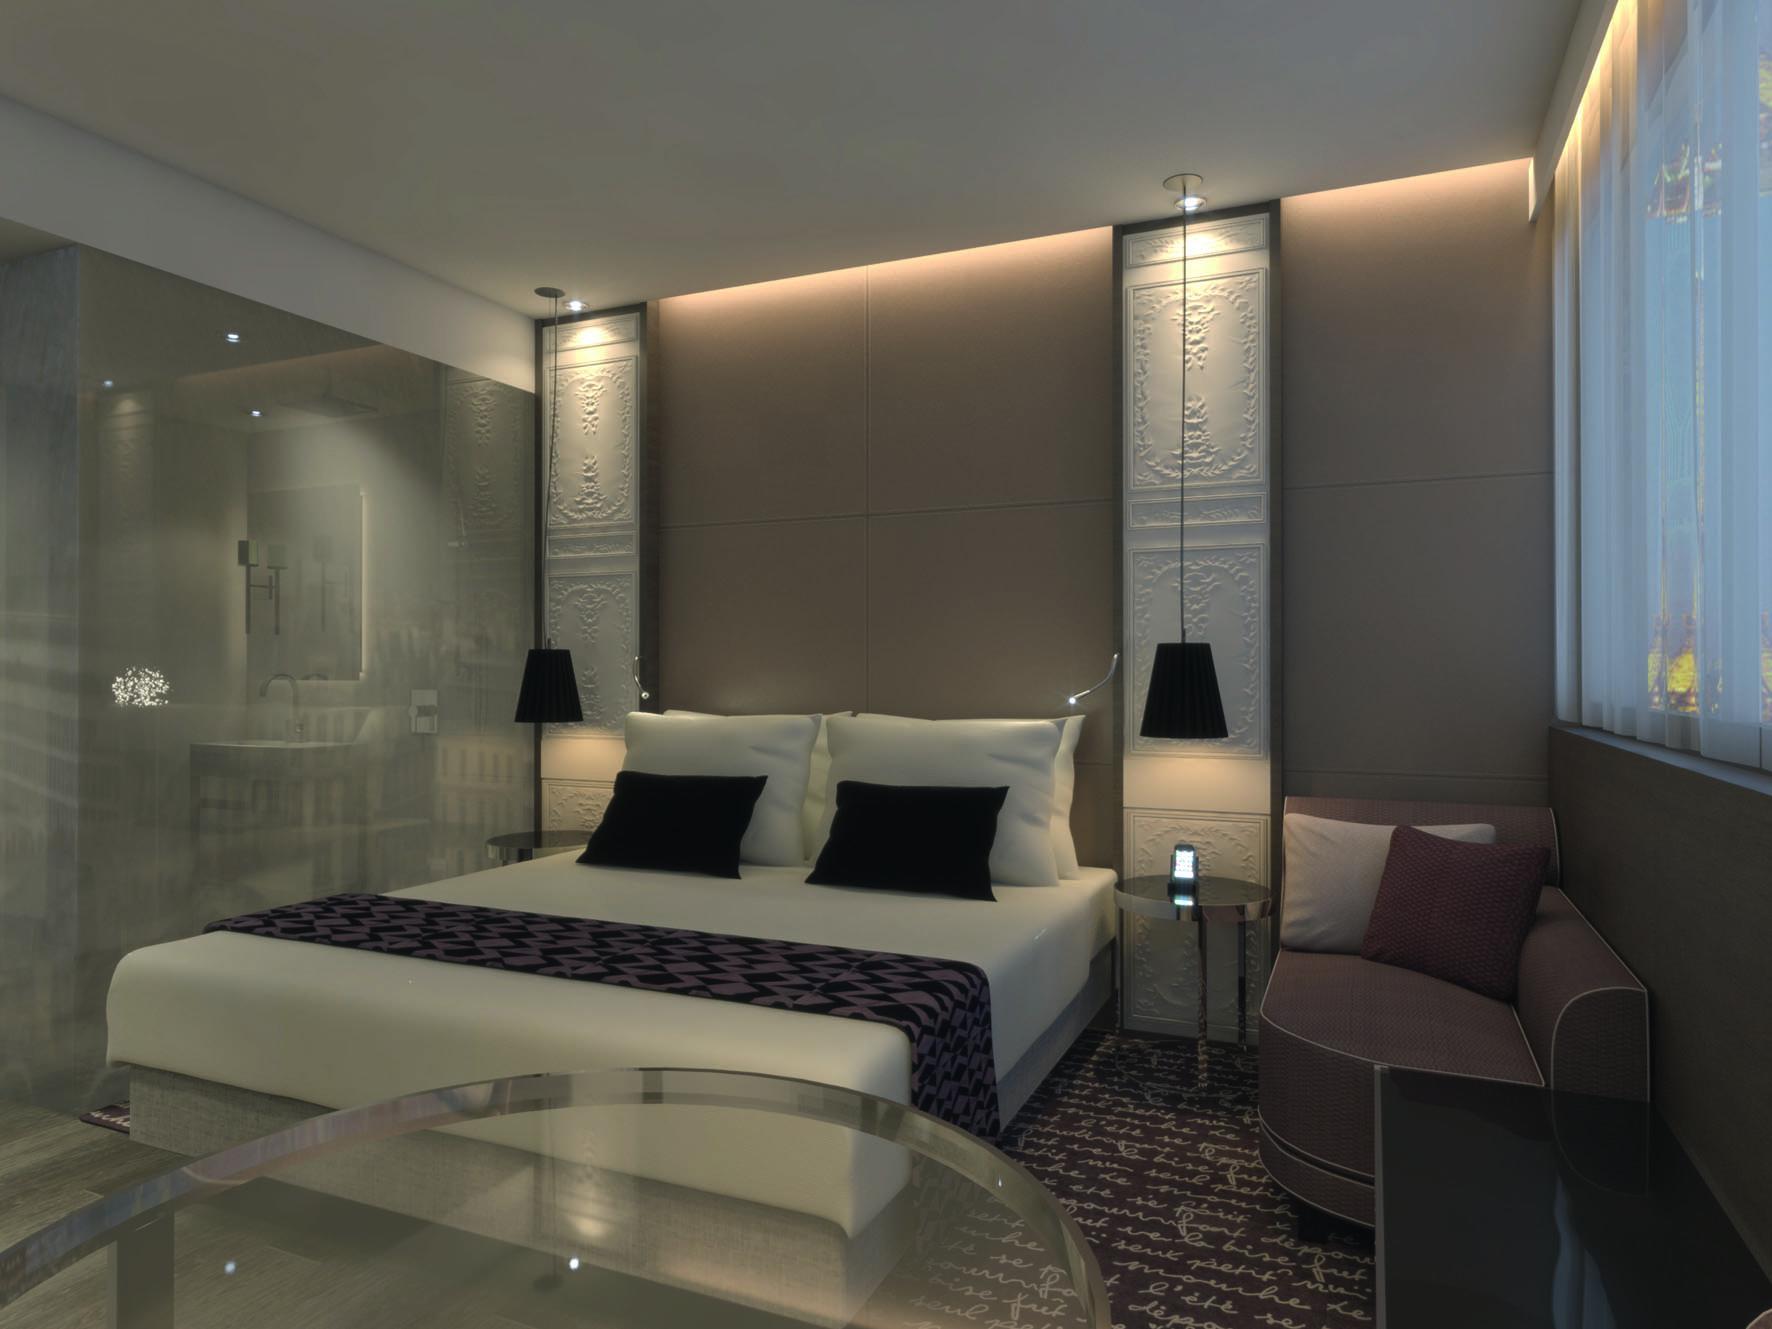 Zimmer design  Mövenpick Hotels eröffnet erstes Hotel in Paris – Ehemaliges ...